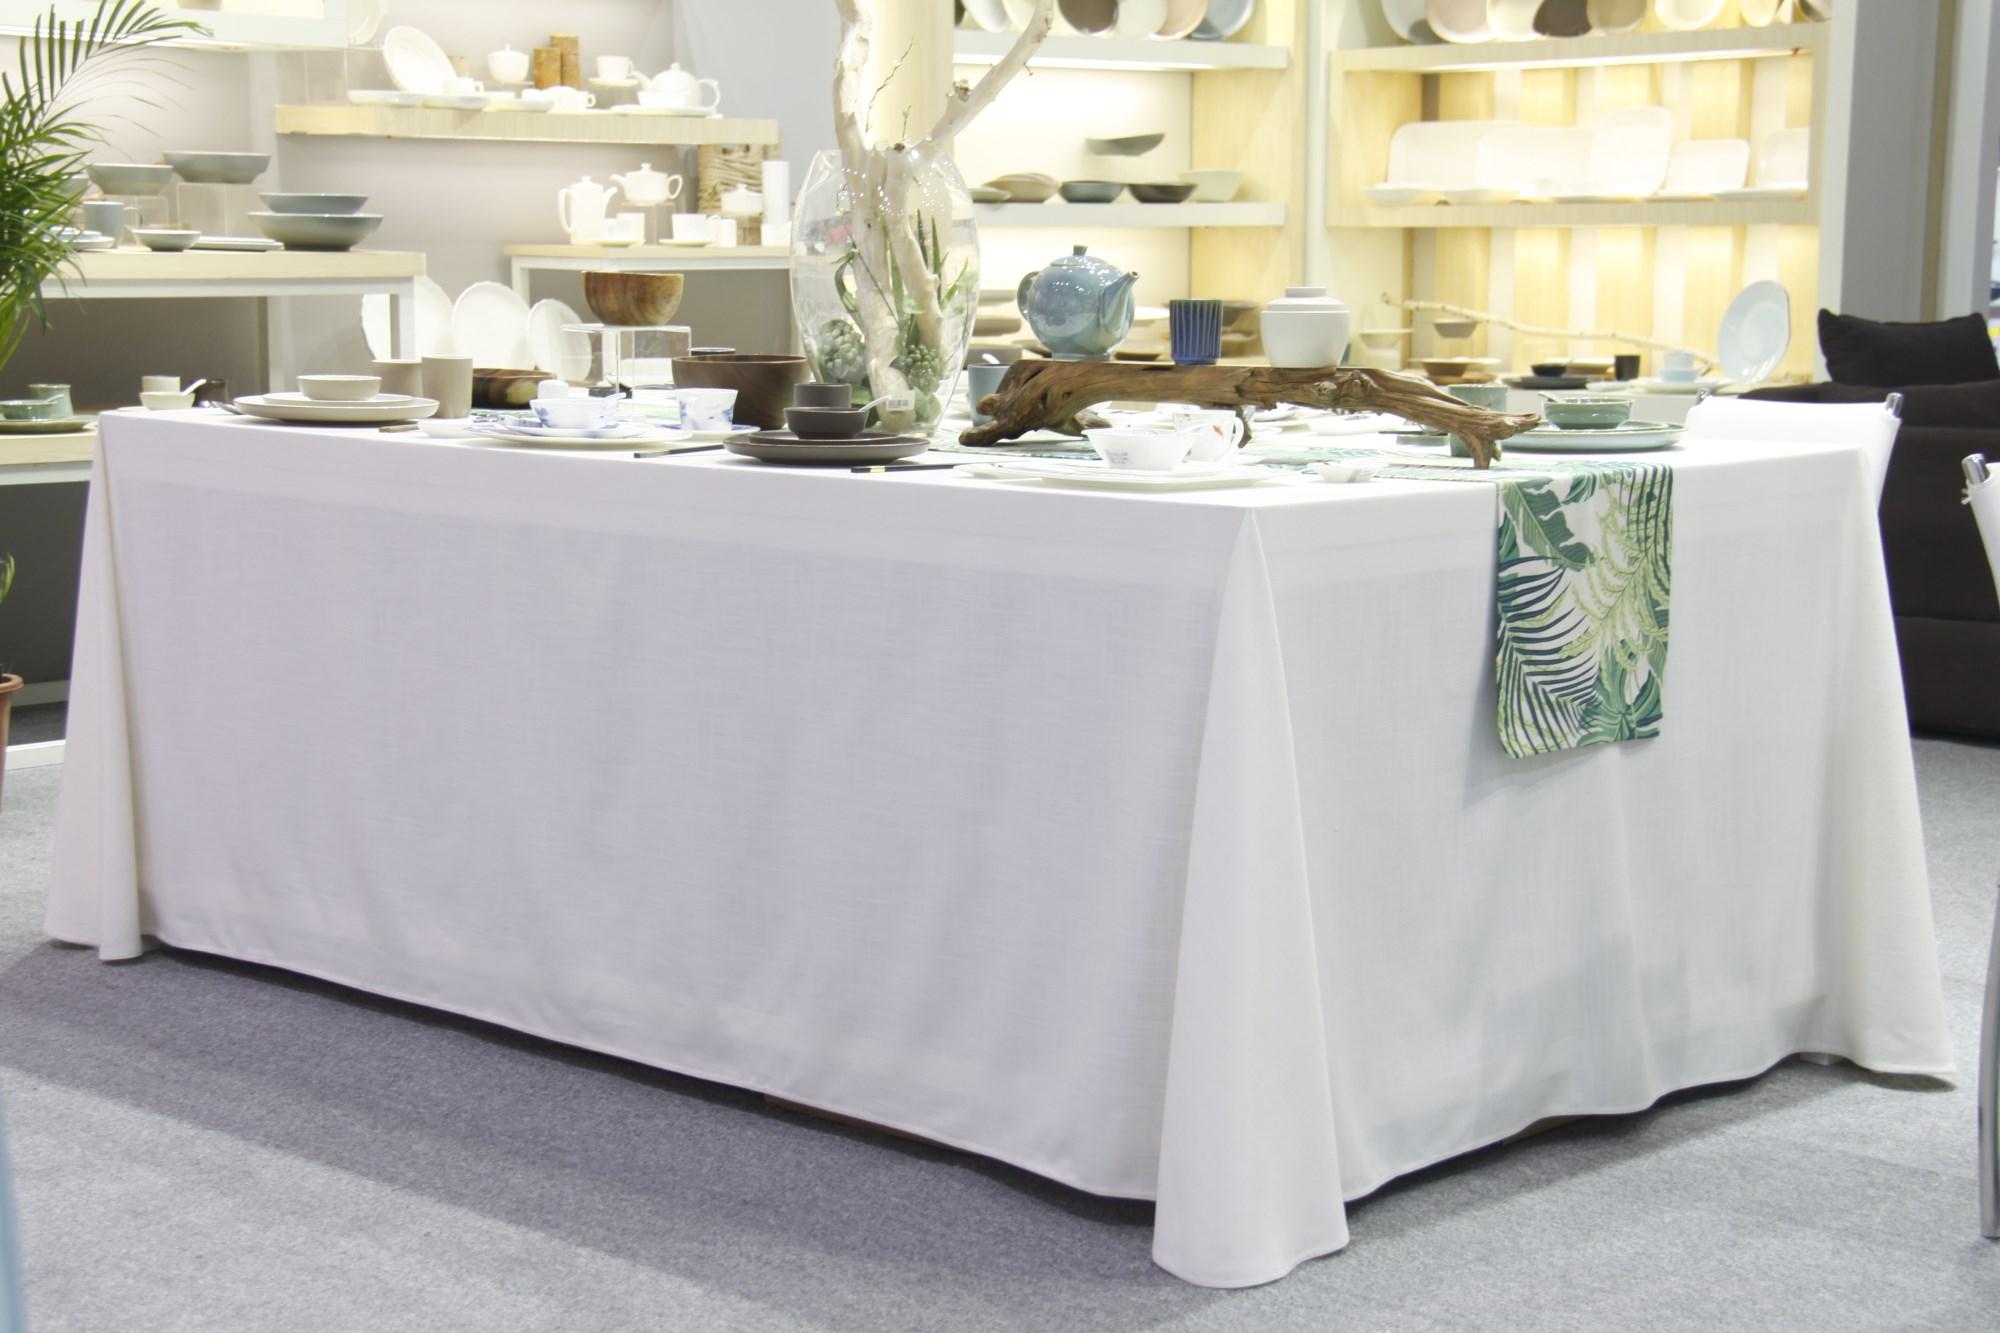 七星岛长方桌展示台桌布